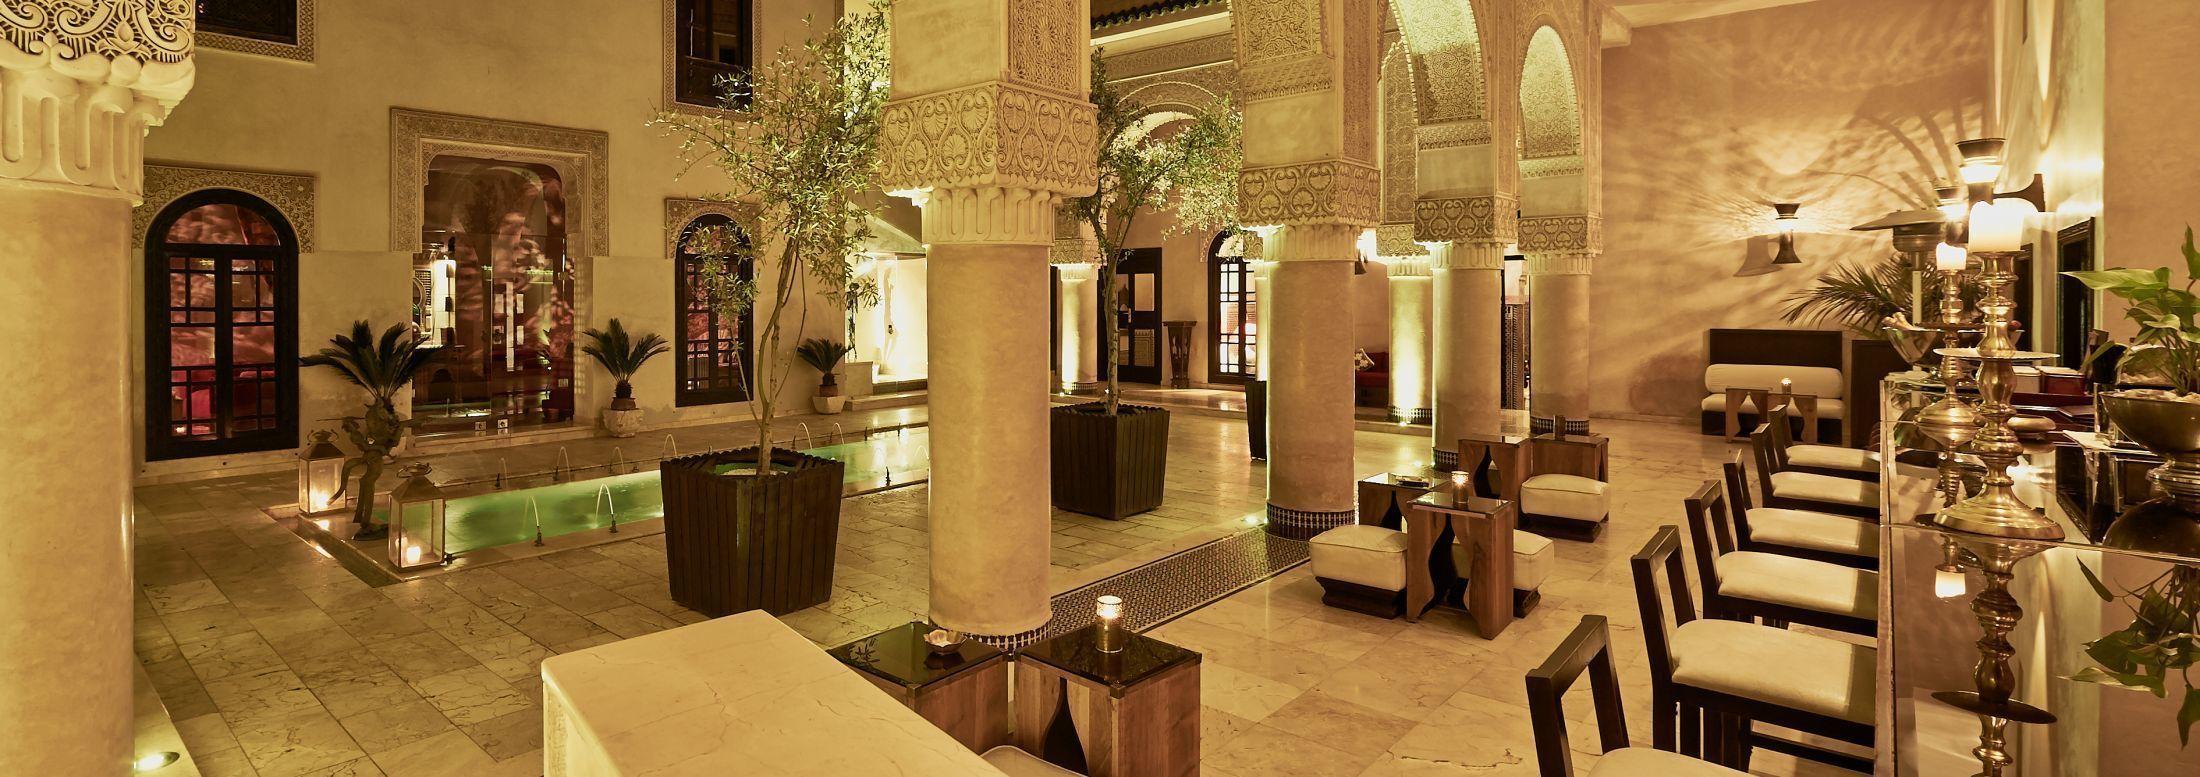 Riad Fes Hotel - Réunions et événements